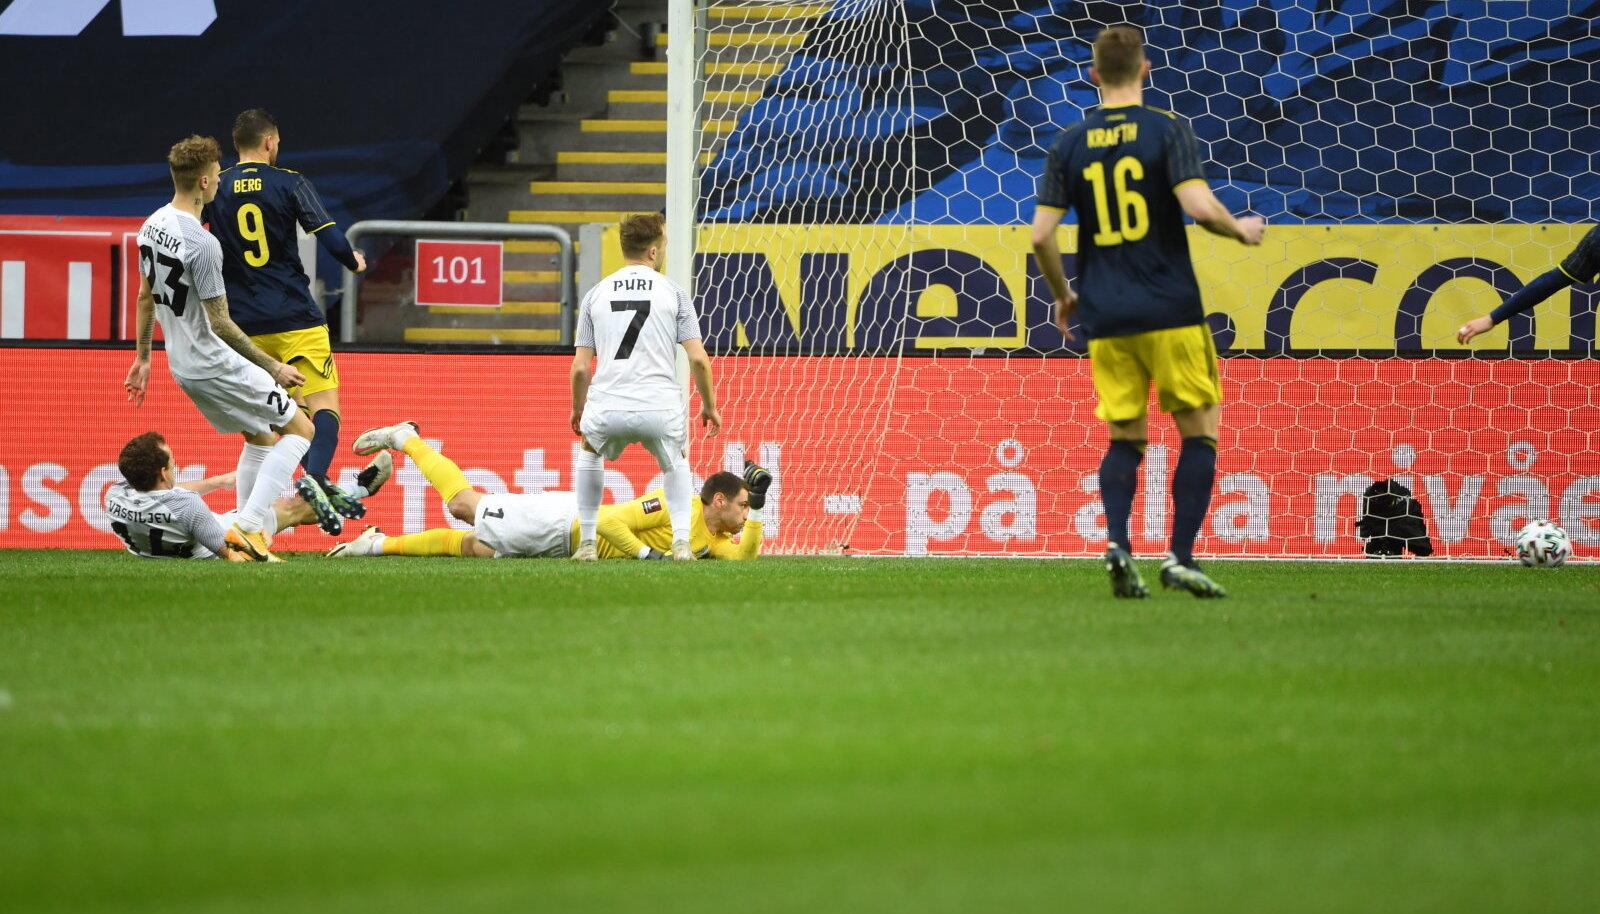 Rootsi läks juba neljandal minutil kohtumist juhtima.